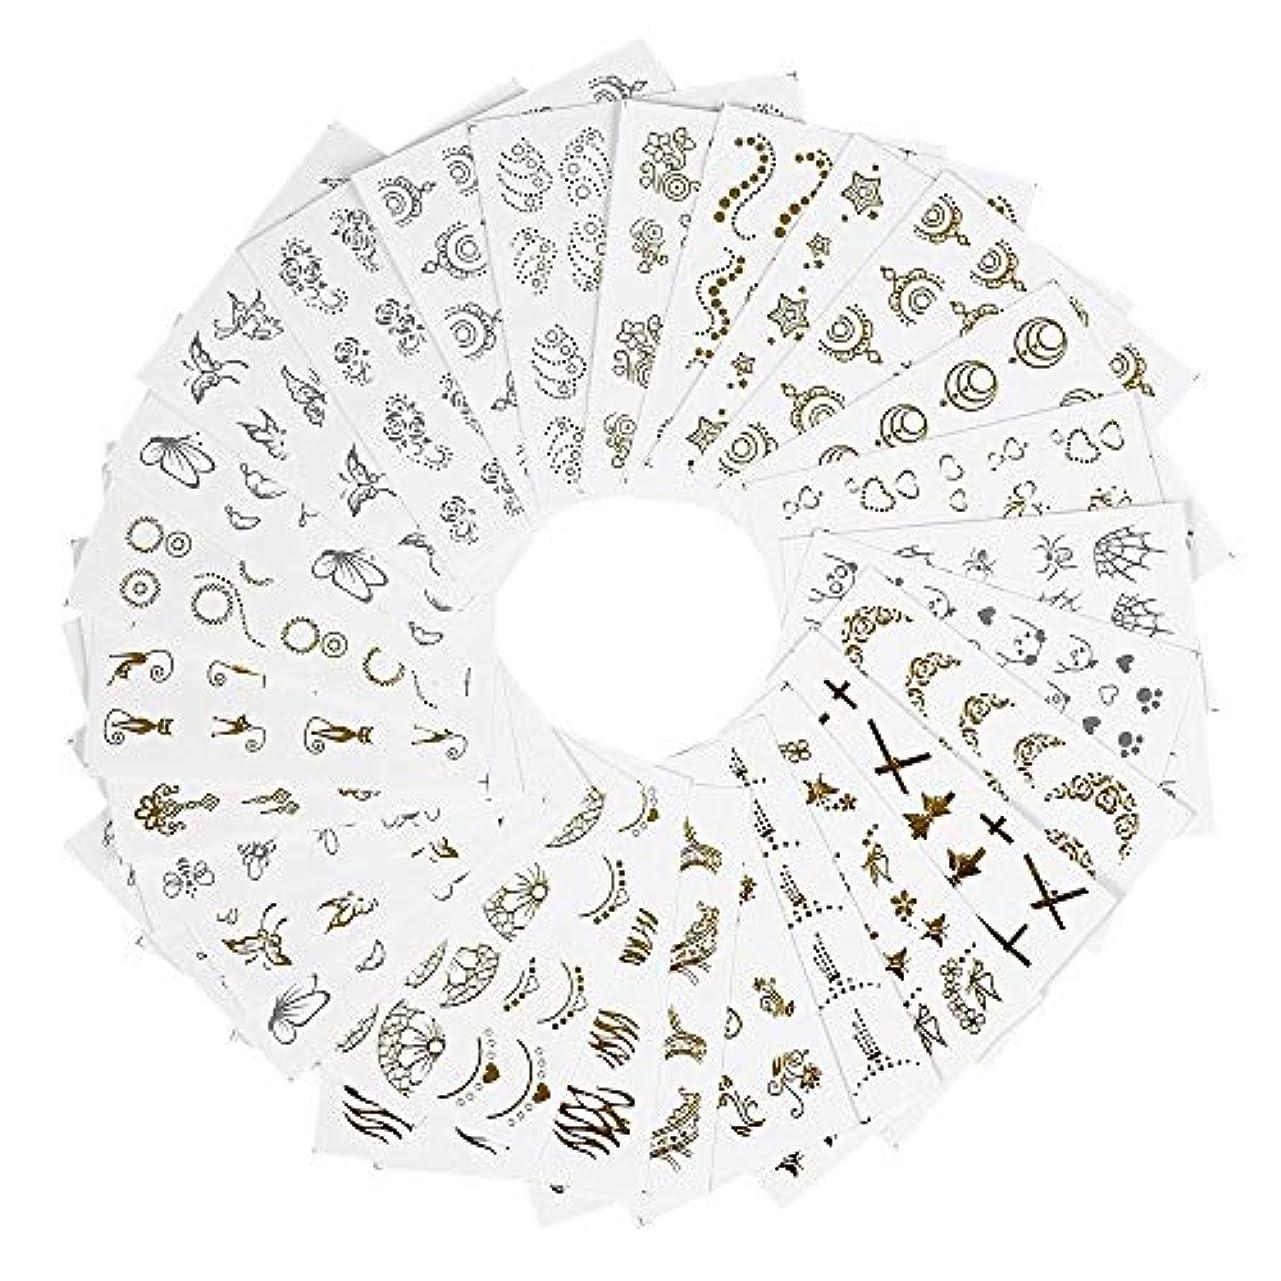 動的プラスチックまぶしさビューティフル 女性 30枚セット DIY かわいい ネイルシール ウォーターネイルシール ジェルネイル セルフネイル レジン 混合 バタフライ 花柄 ゴールド シルバー 貼り紙 綺麗 ジェルネイル用品 ネイルパッチ レディース